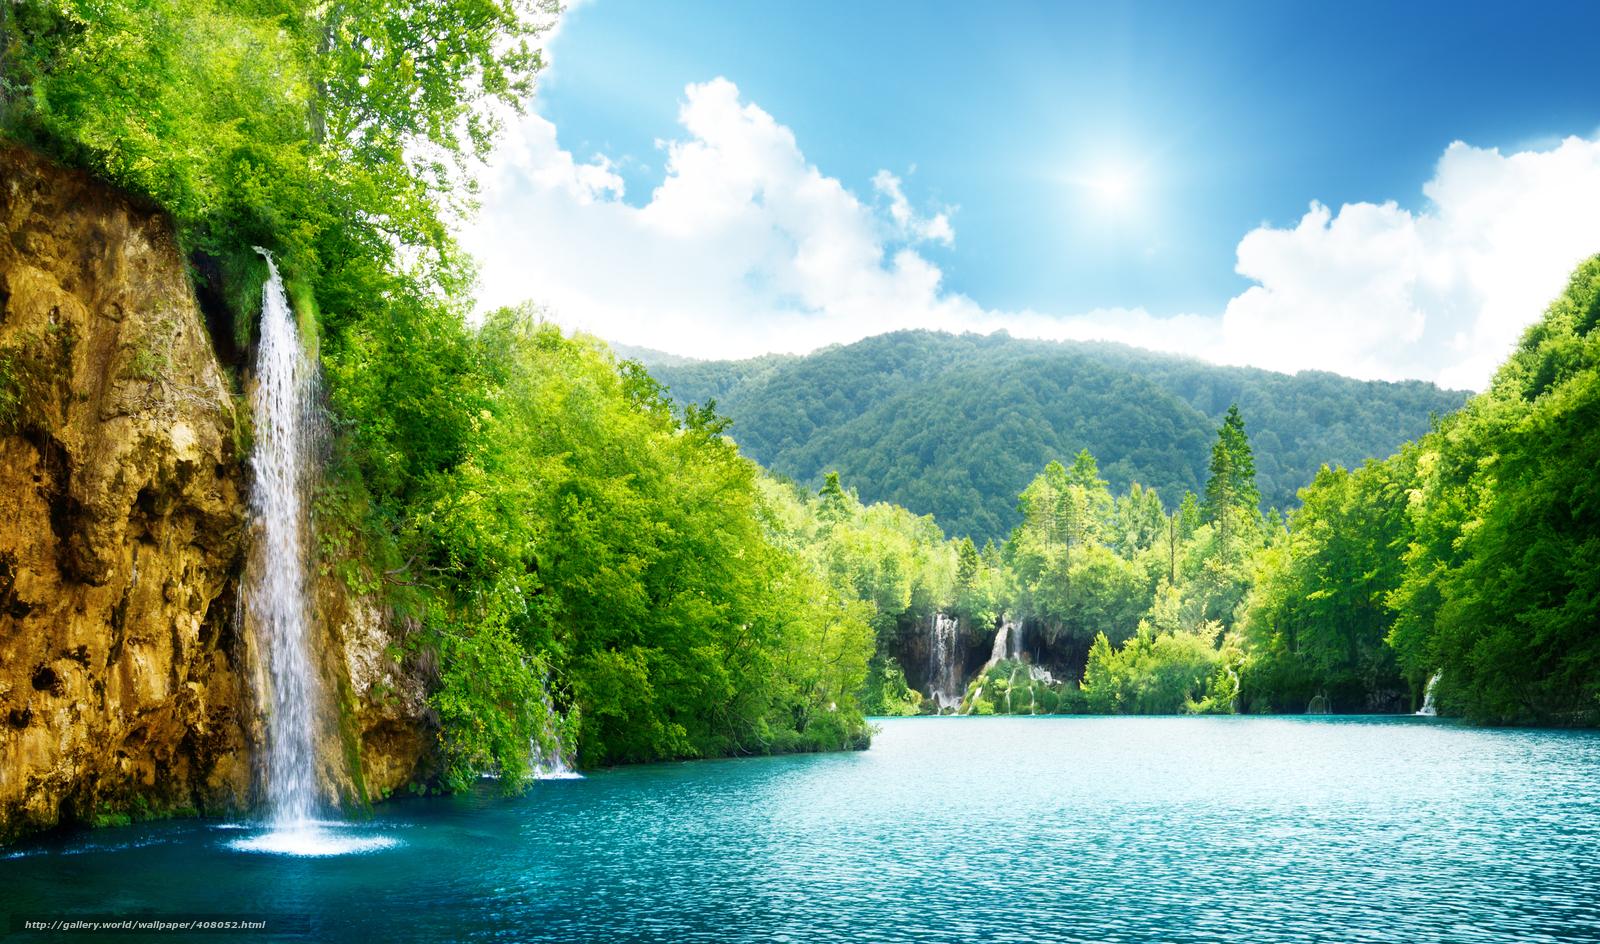 водопад, море, озеро, густой лес, деревья, небо, облака, пейзаж ...